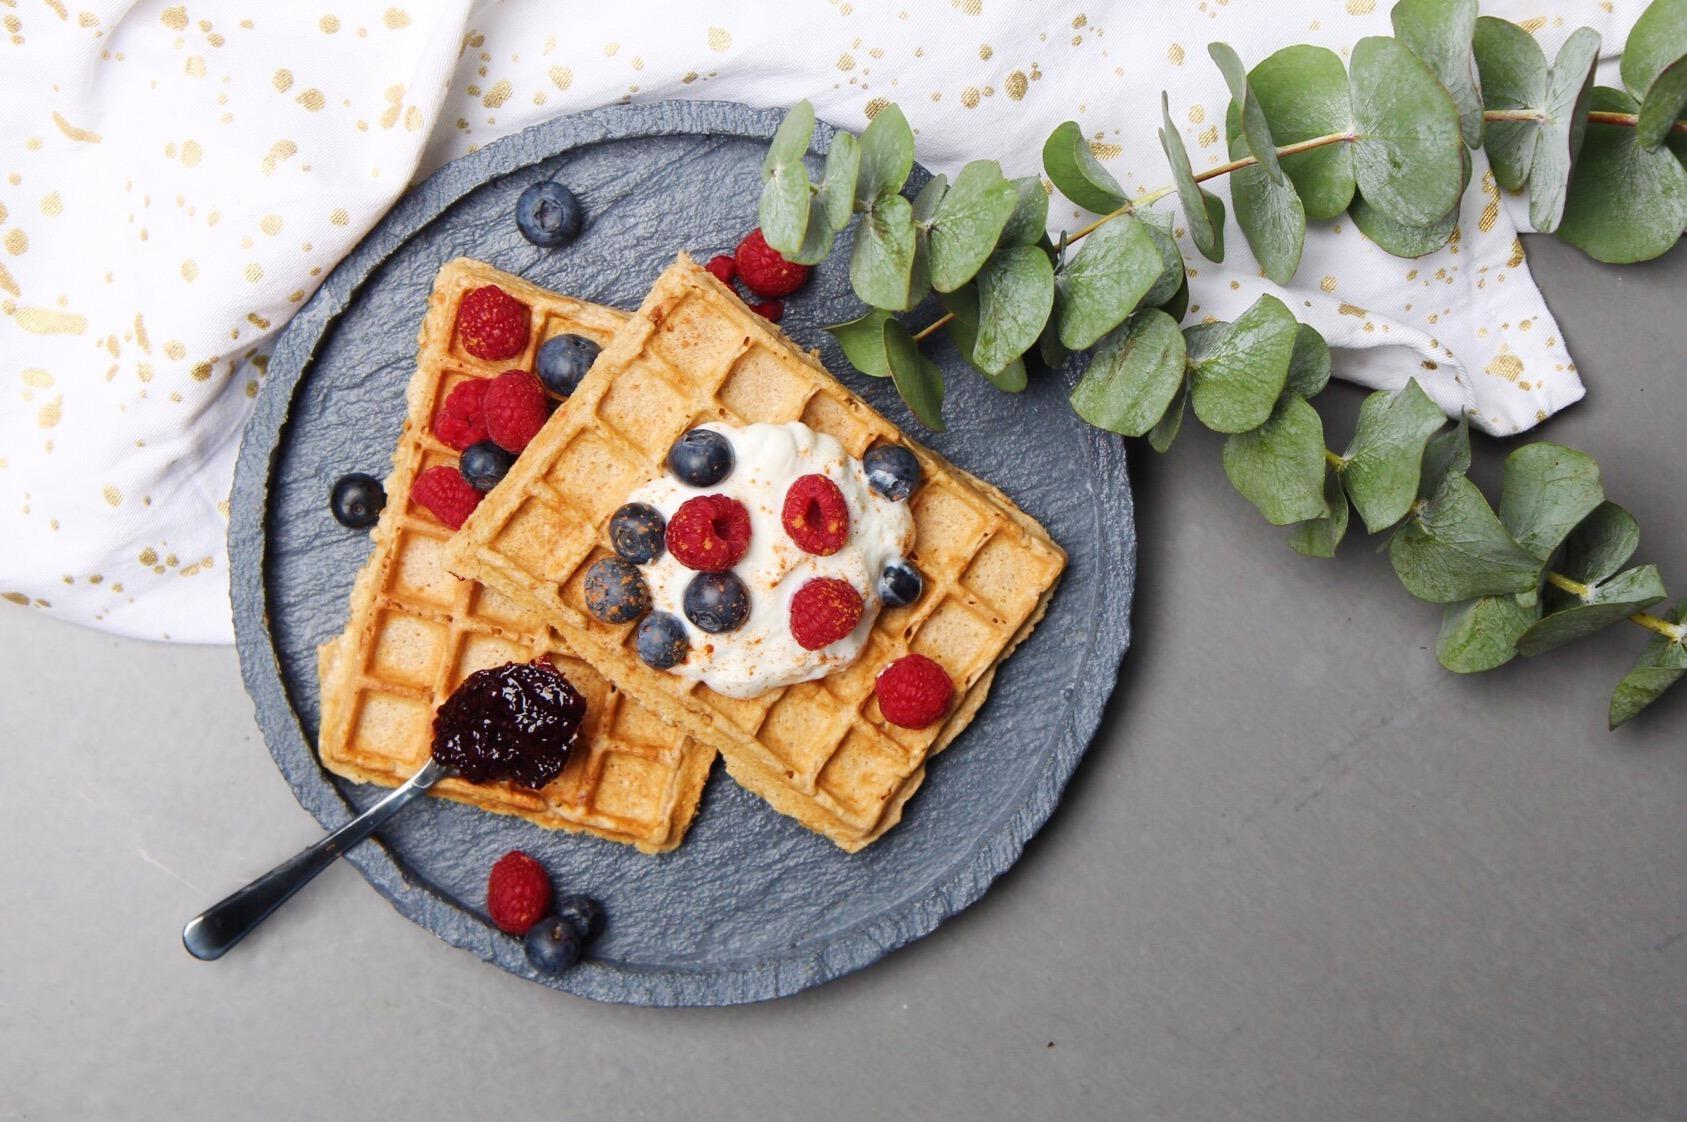 image00010 Your Meal Planners: 'Balans in de decembermaand kan heel lekker zijn!'